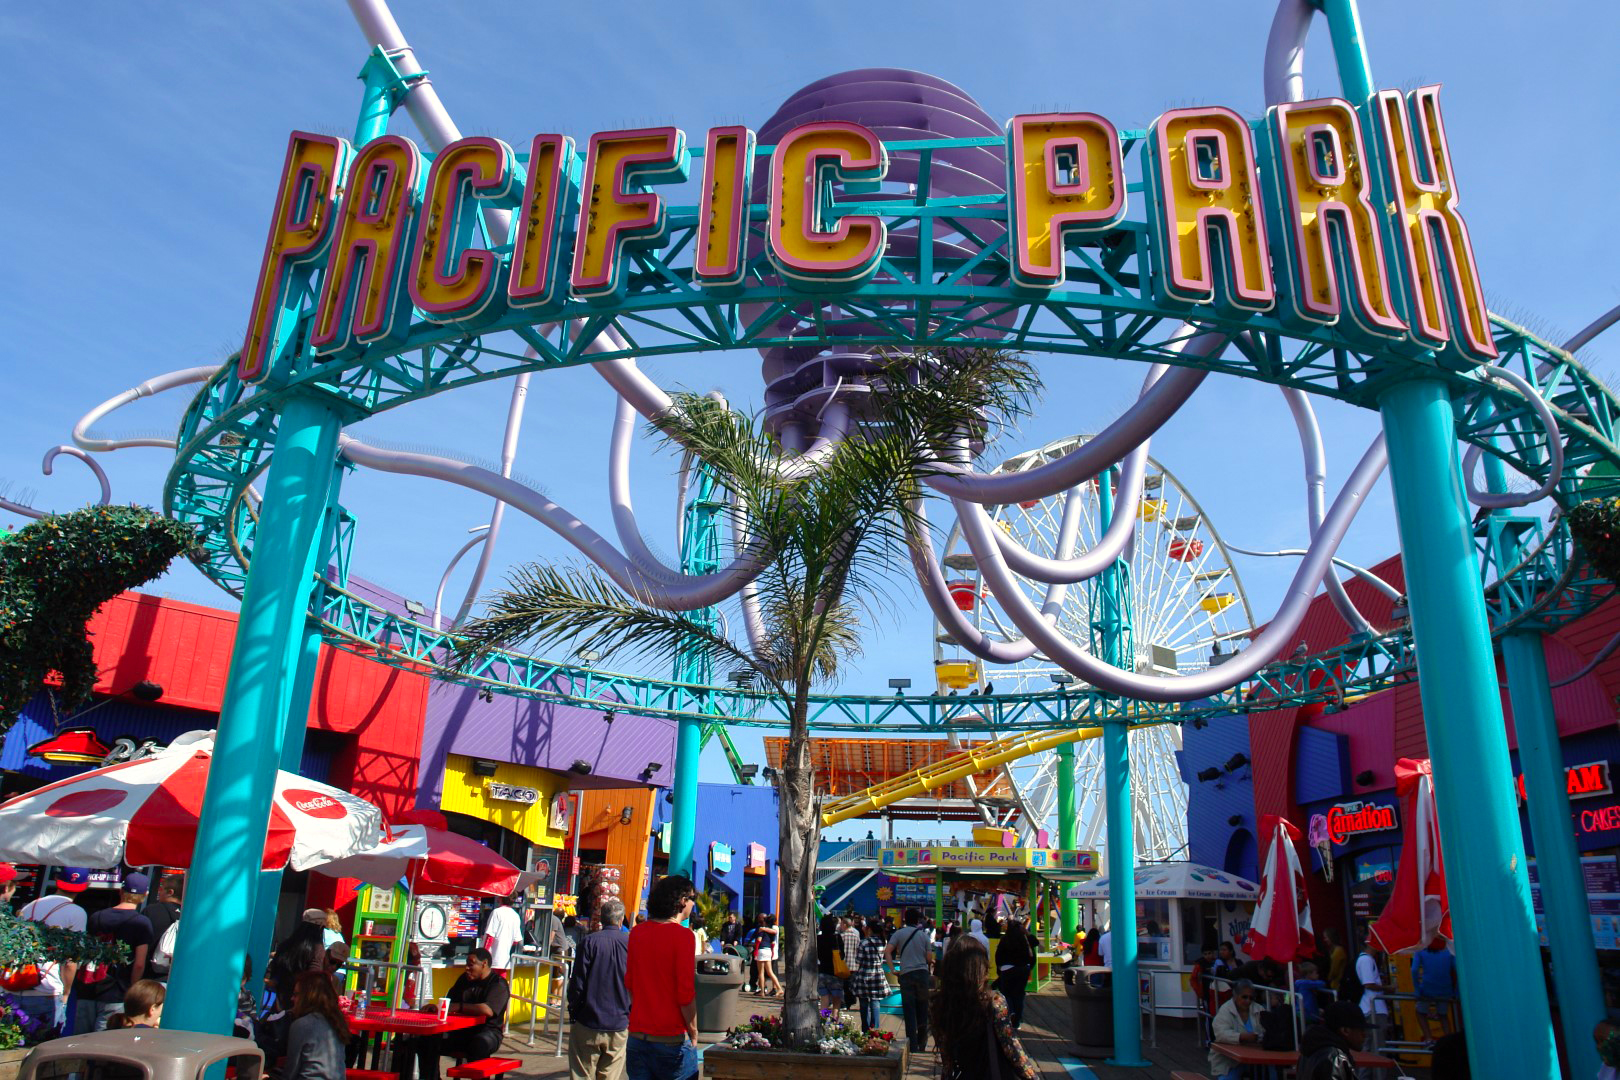 Qué hacer y ver en Los Ángeles los angeles - 32749505736 6f27f657d0 o - Qué hacer y ver en Los Angeles